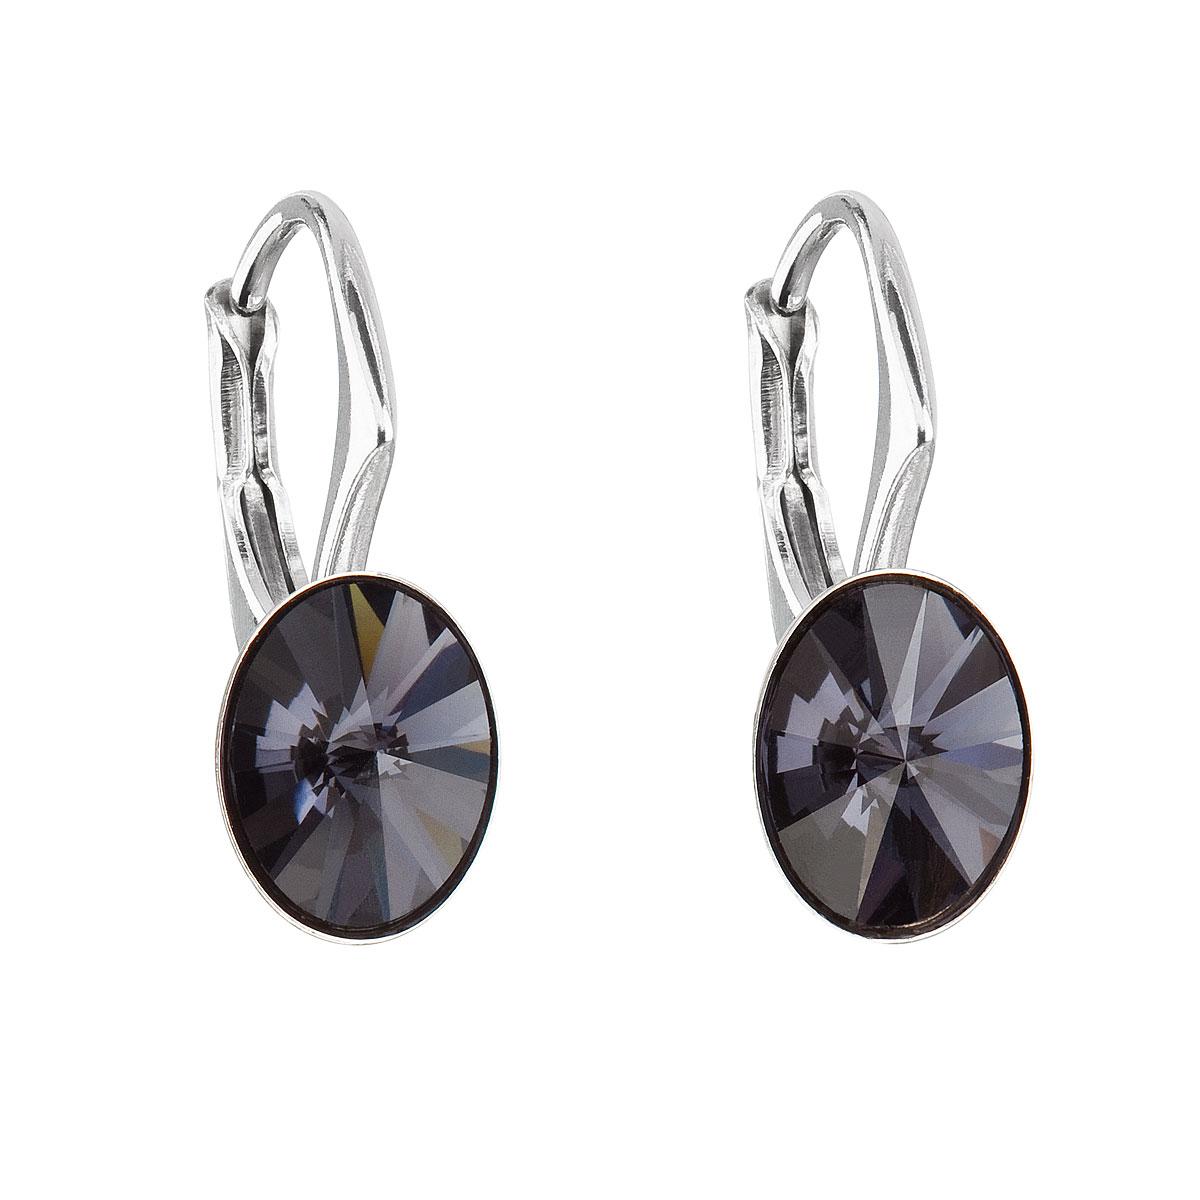 Evolution Group Stříbrné náušnice visací s krystaly Swarovski černý ovál 31276.3